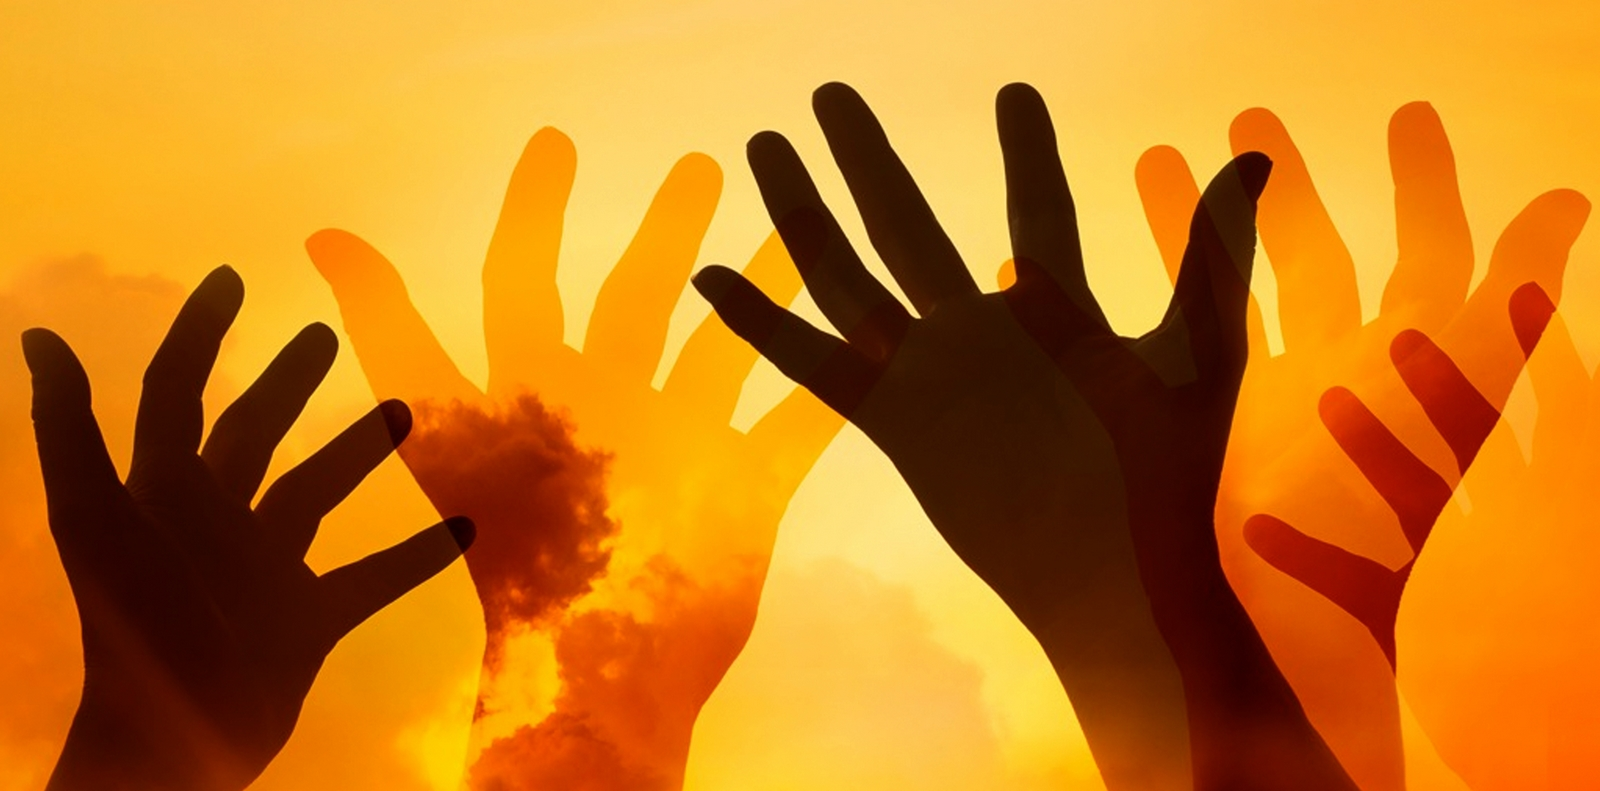 ¿Por qué el Bautismo en el Espíritu Santo Refuerza nuestra Fe?